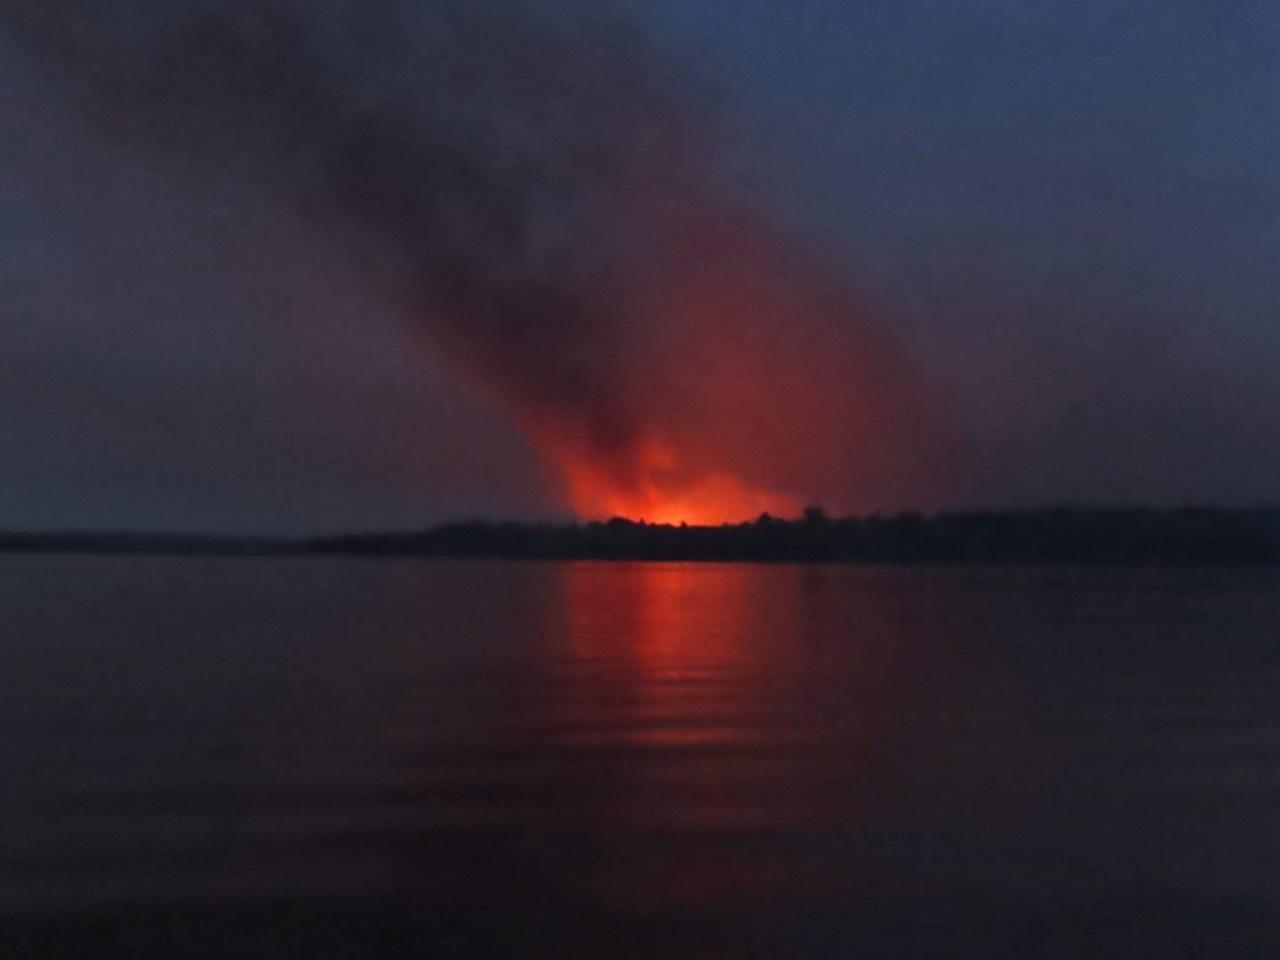 O incêndio aconteceu em um momento em que Alter do Chão passava por uma fase especial, com um movimento crescente de turistas. Foto Emi Okada Pereira